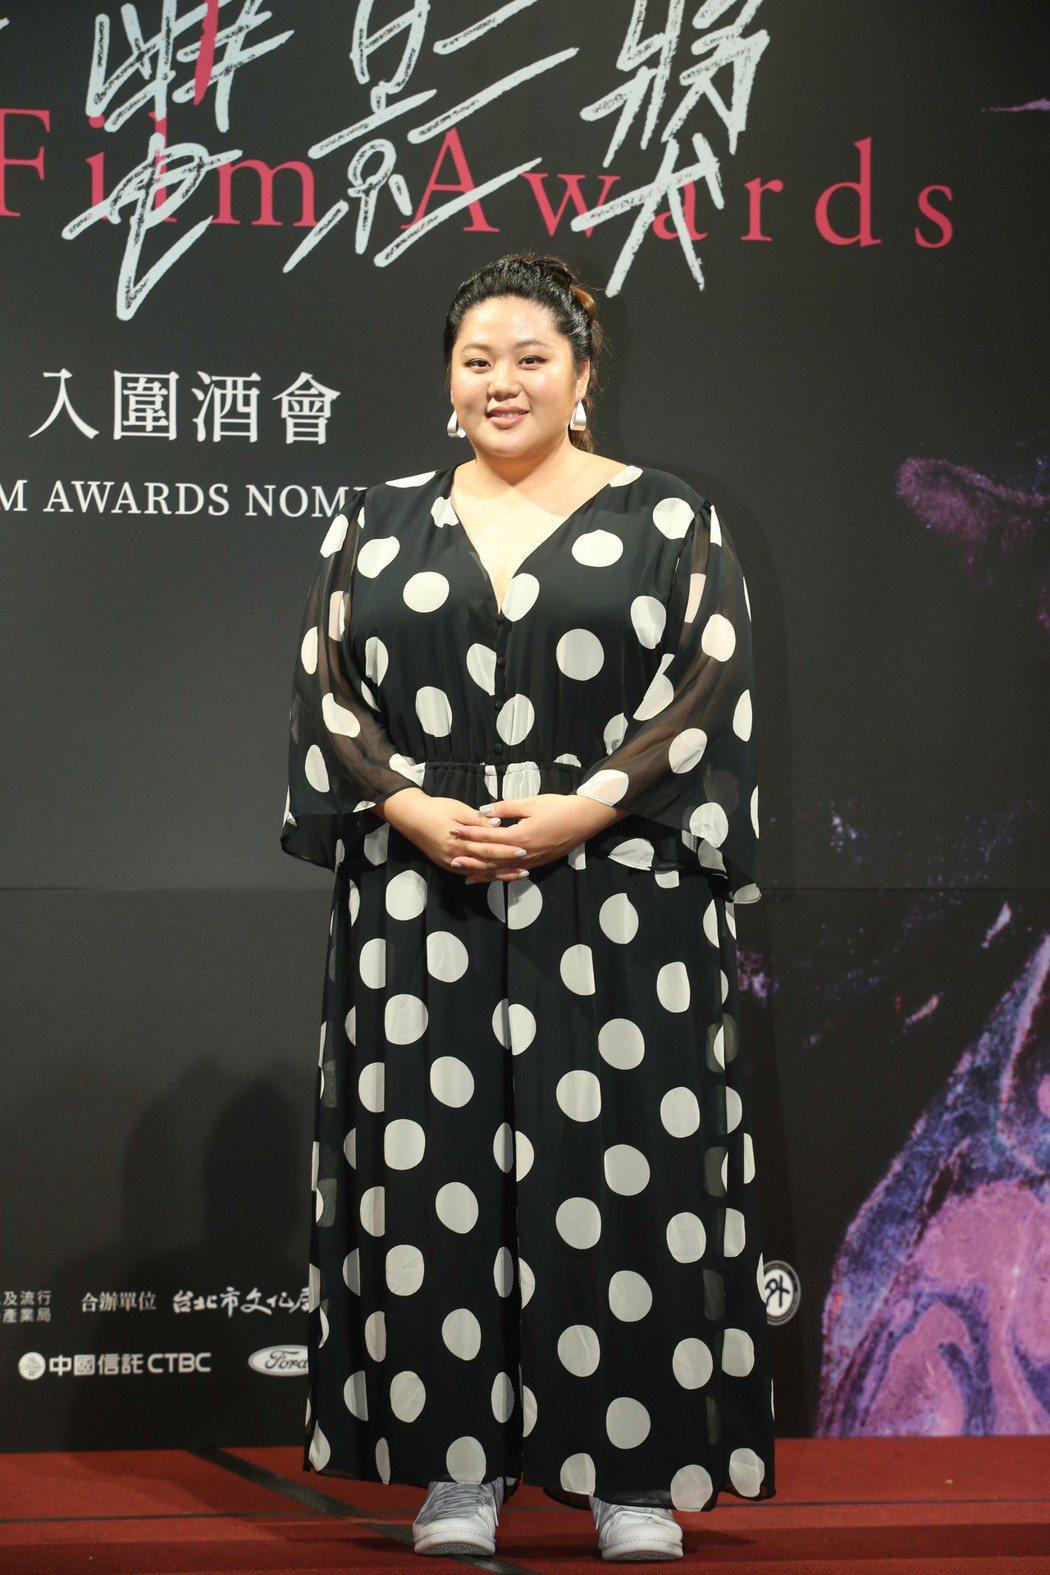 最佳新演員蔡嘉茵昨天出席台北電影獎入圍酒會。記者葉信菉/攝影 葉信菉